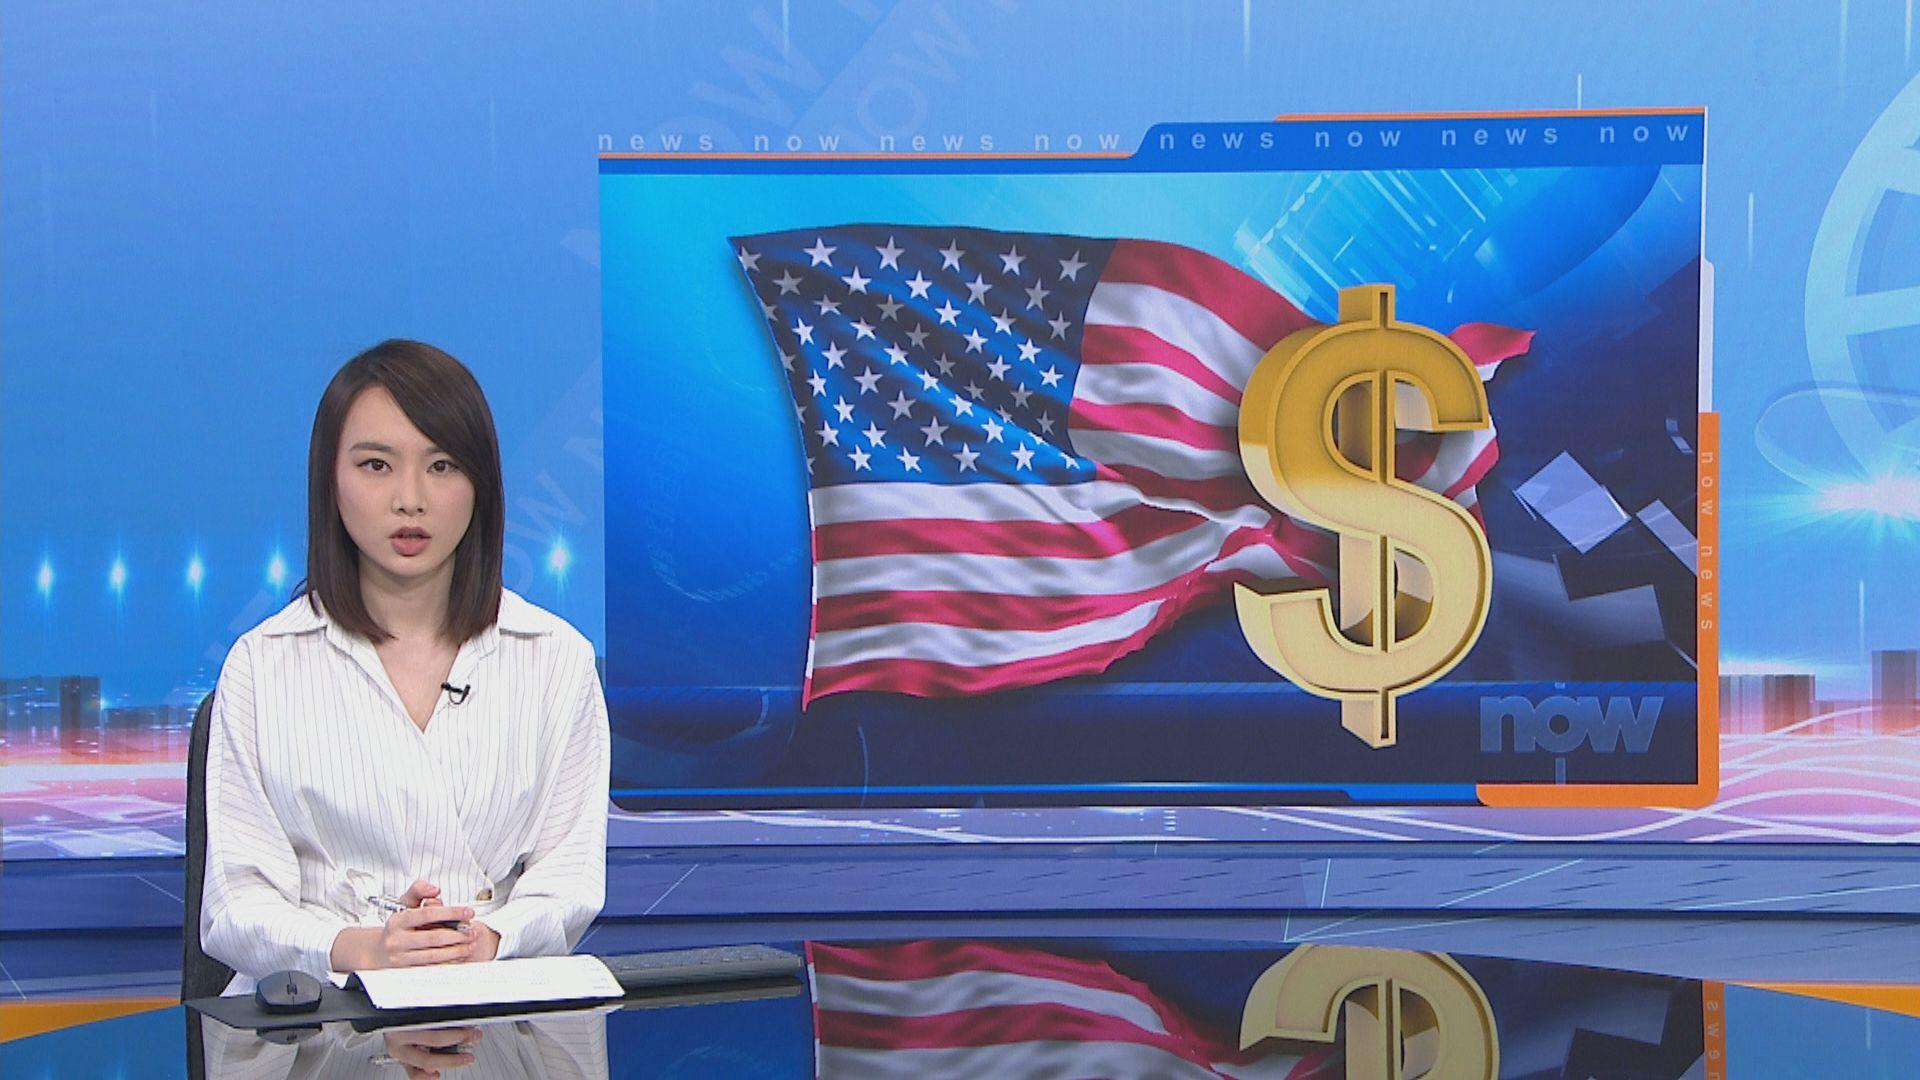 美國國會預算辦公室料疫情影響美經濟至少十年